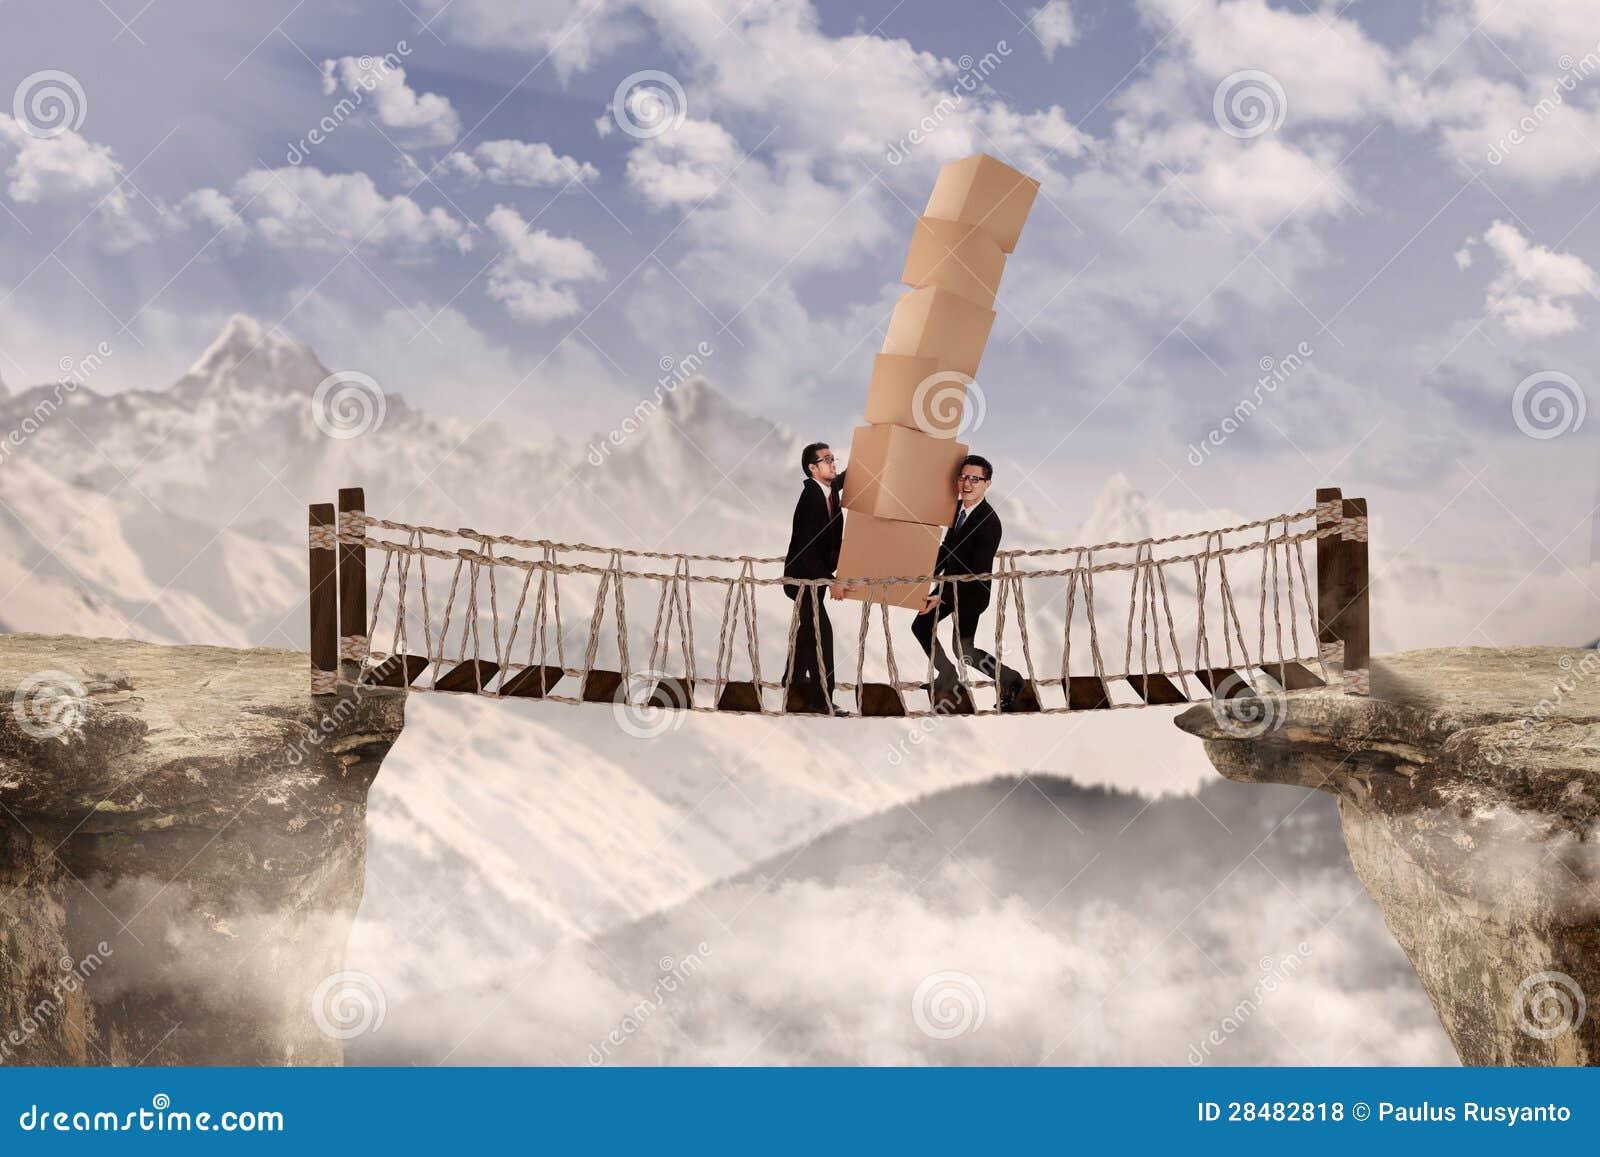 cross the bridge